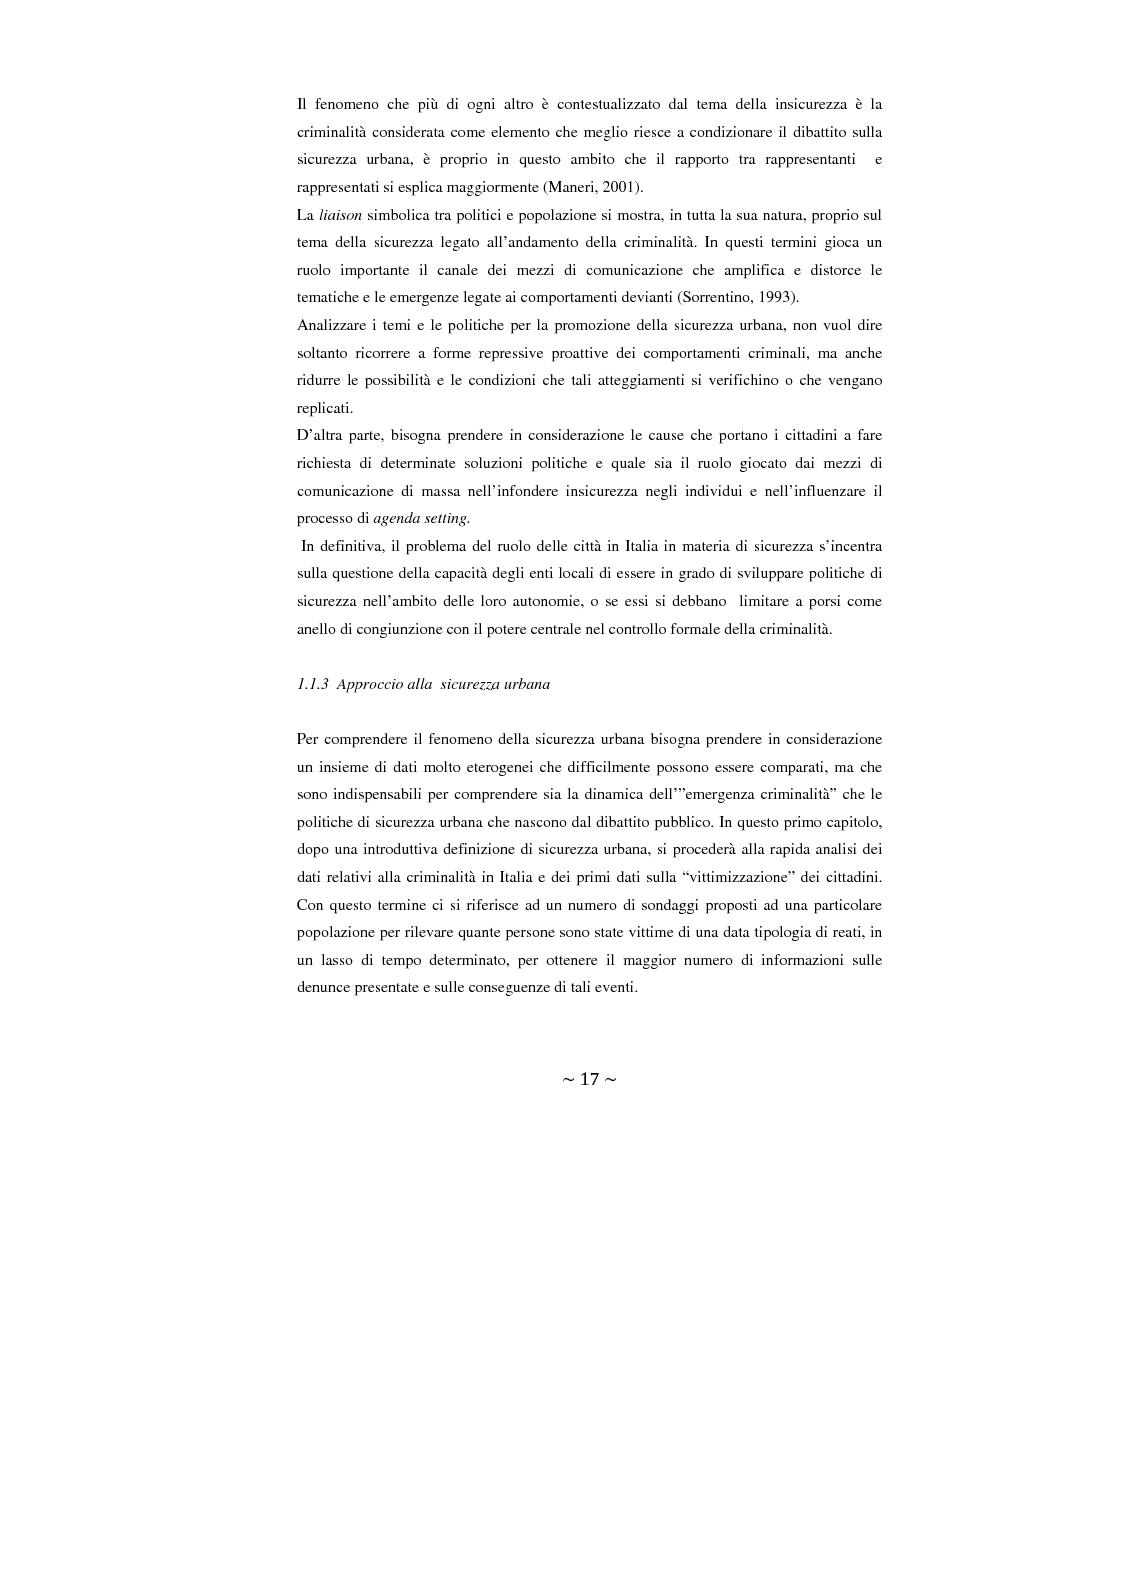 Anteprima della tesi: Contrattualizzare la sicurezza urbana, Pagina 10